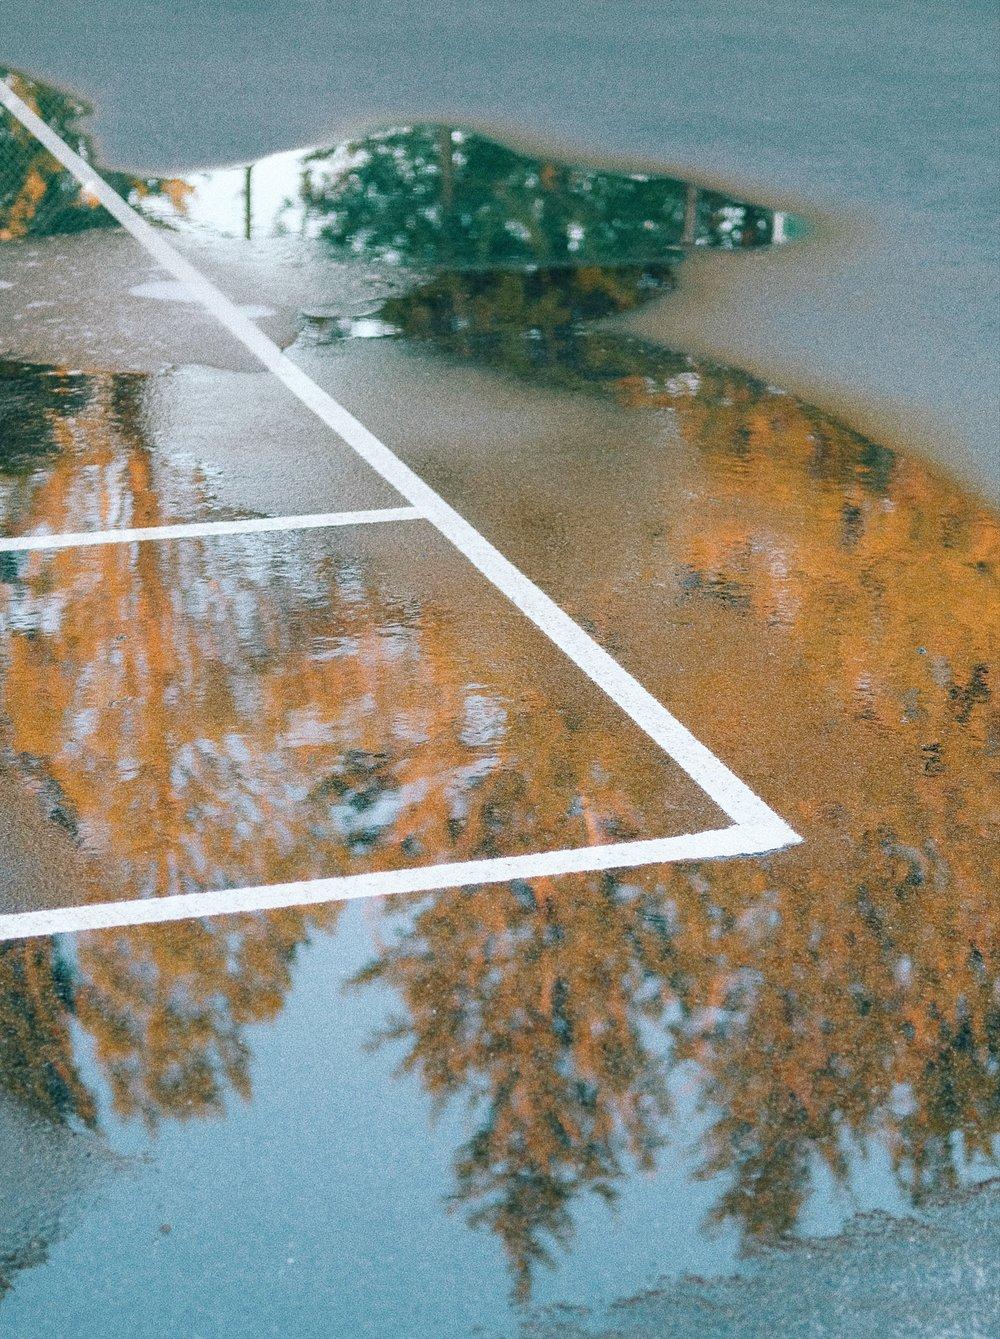 lauren-abbazio-photography-puddles - Lauren Abbazio (1).jpg